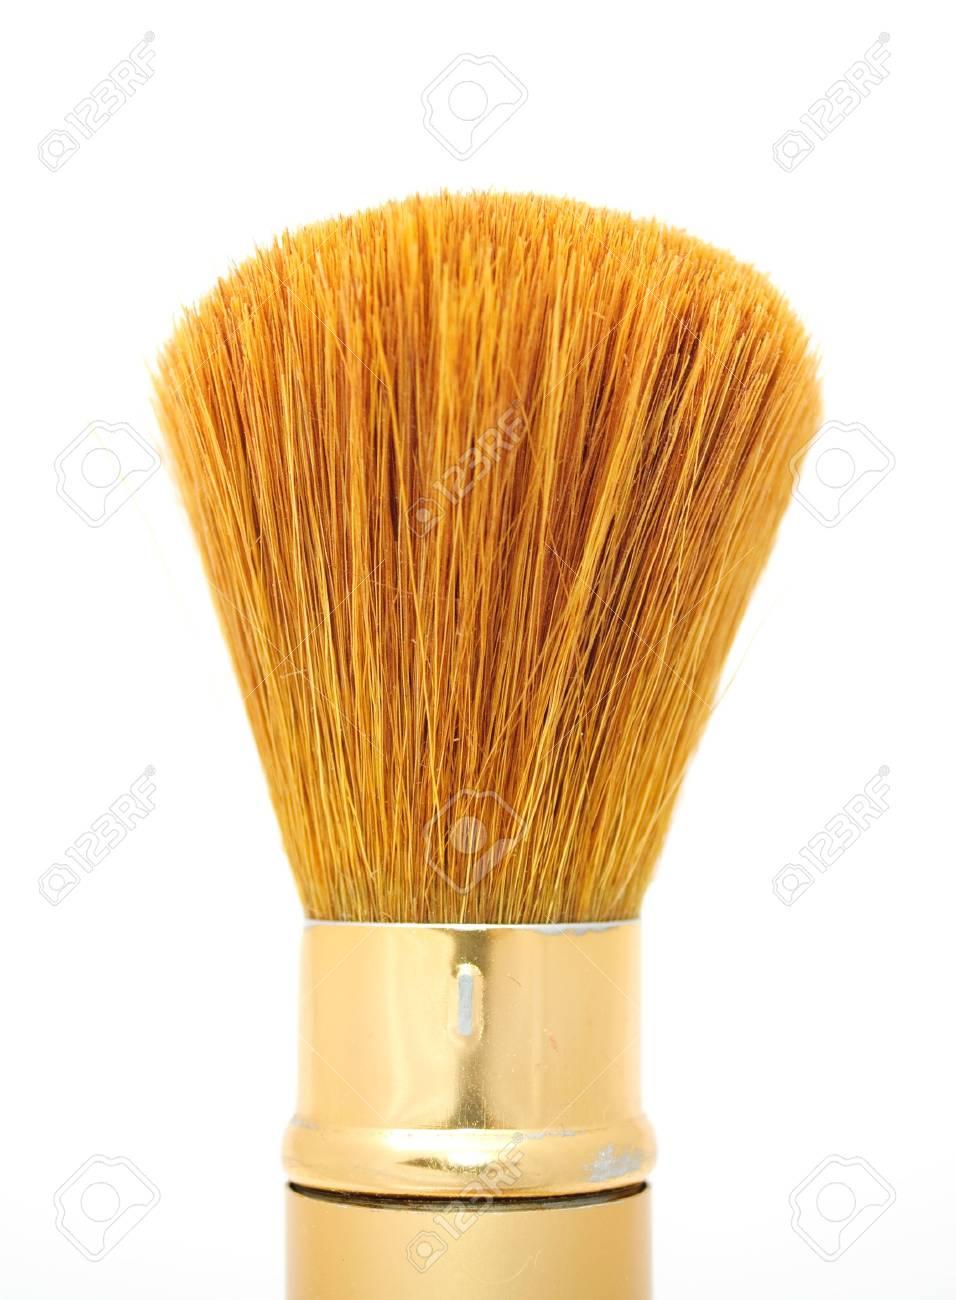 Makeup Brush Stock Photo - 6701842